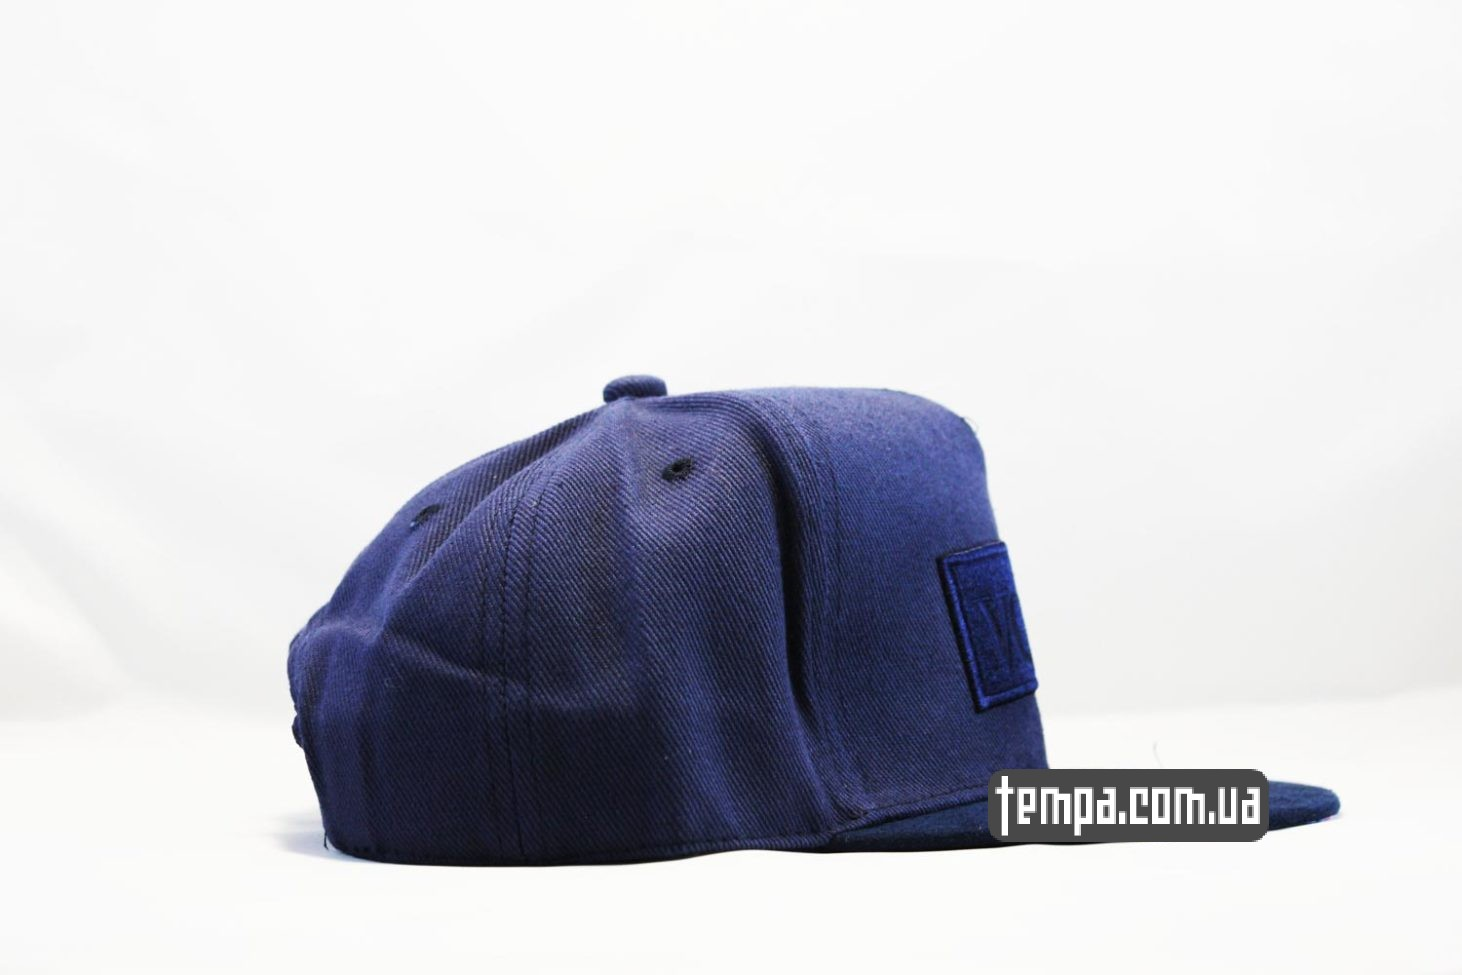 официальный магазин кепок кепка snapback Cayler And Sons Voyage синяя dont voyage